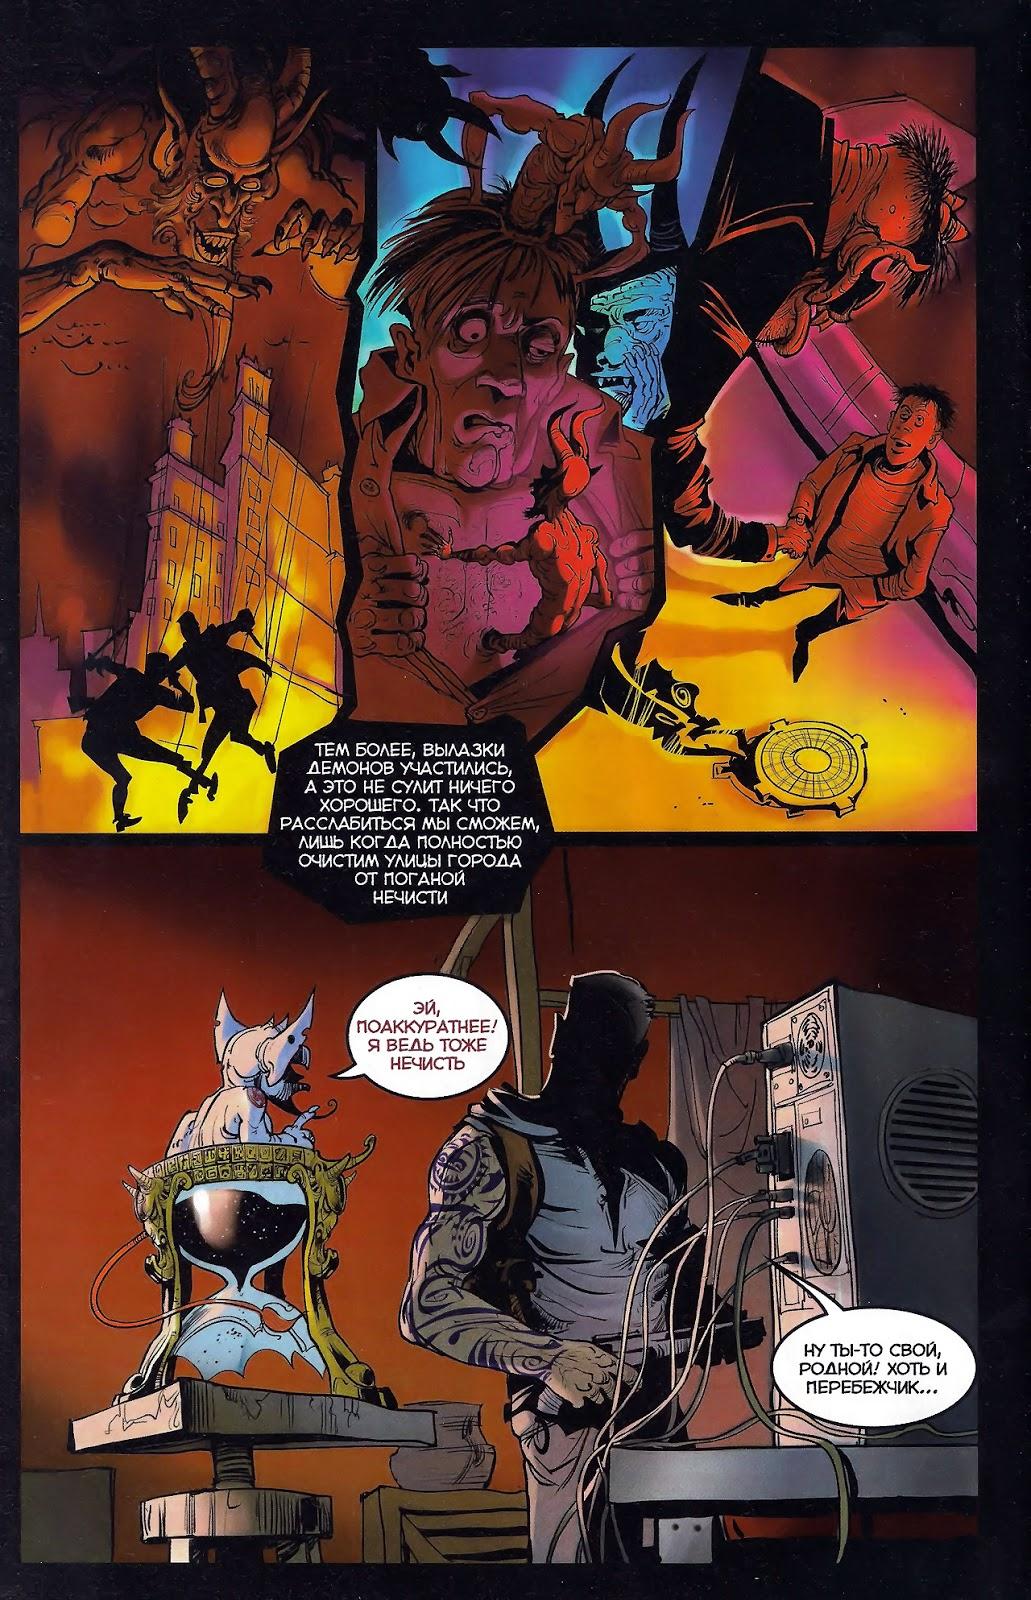 Рисованные порно комиксы журнала андрей бесплатно 10 фотография